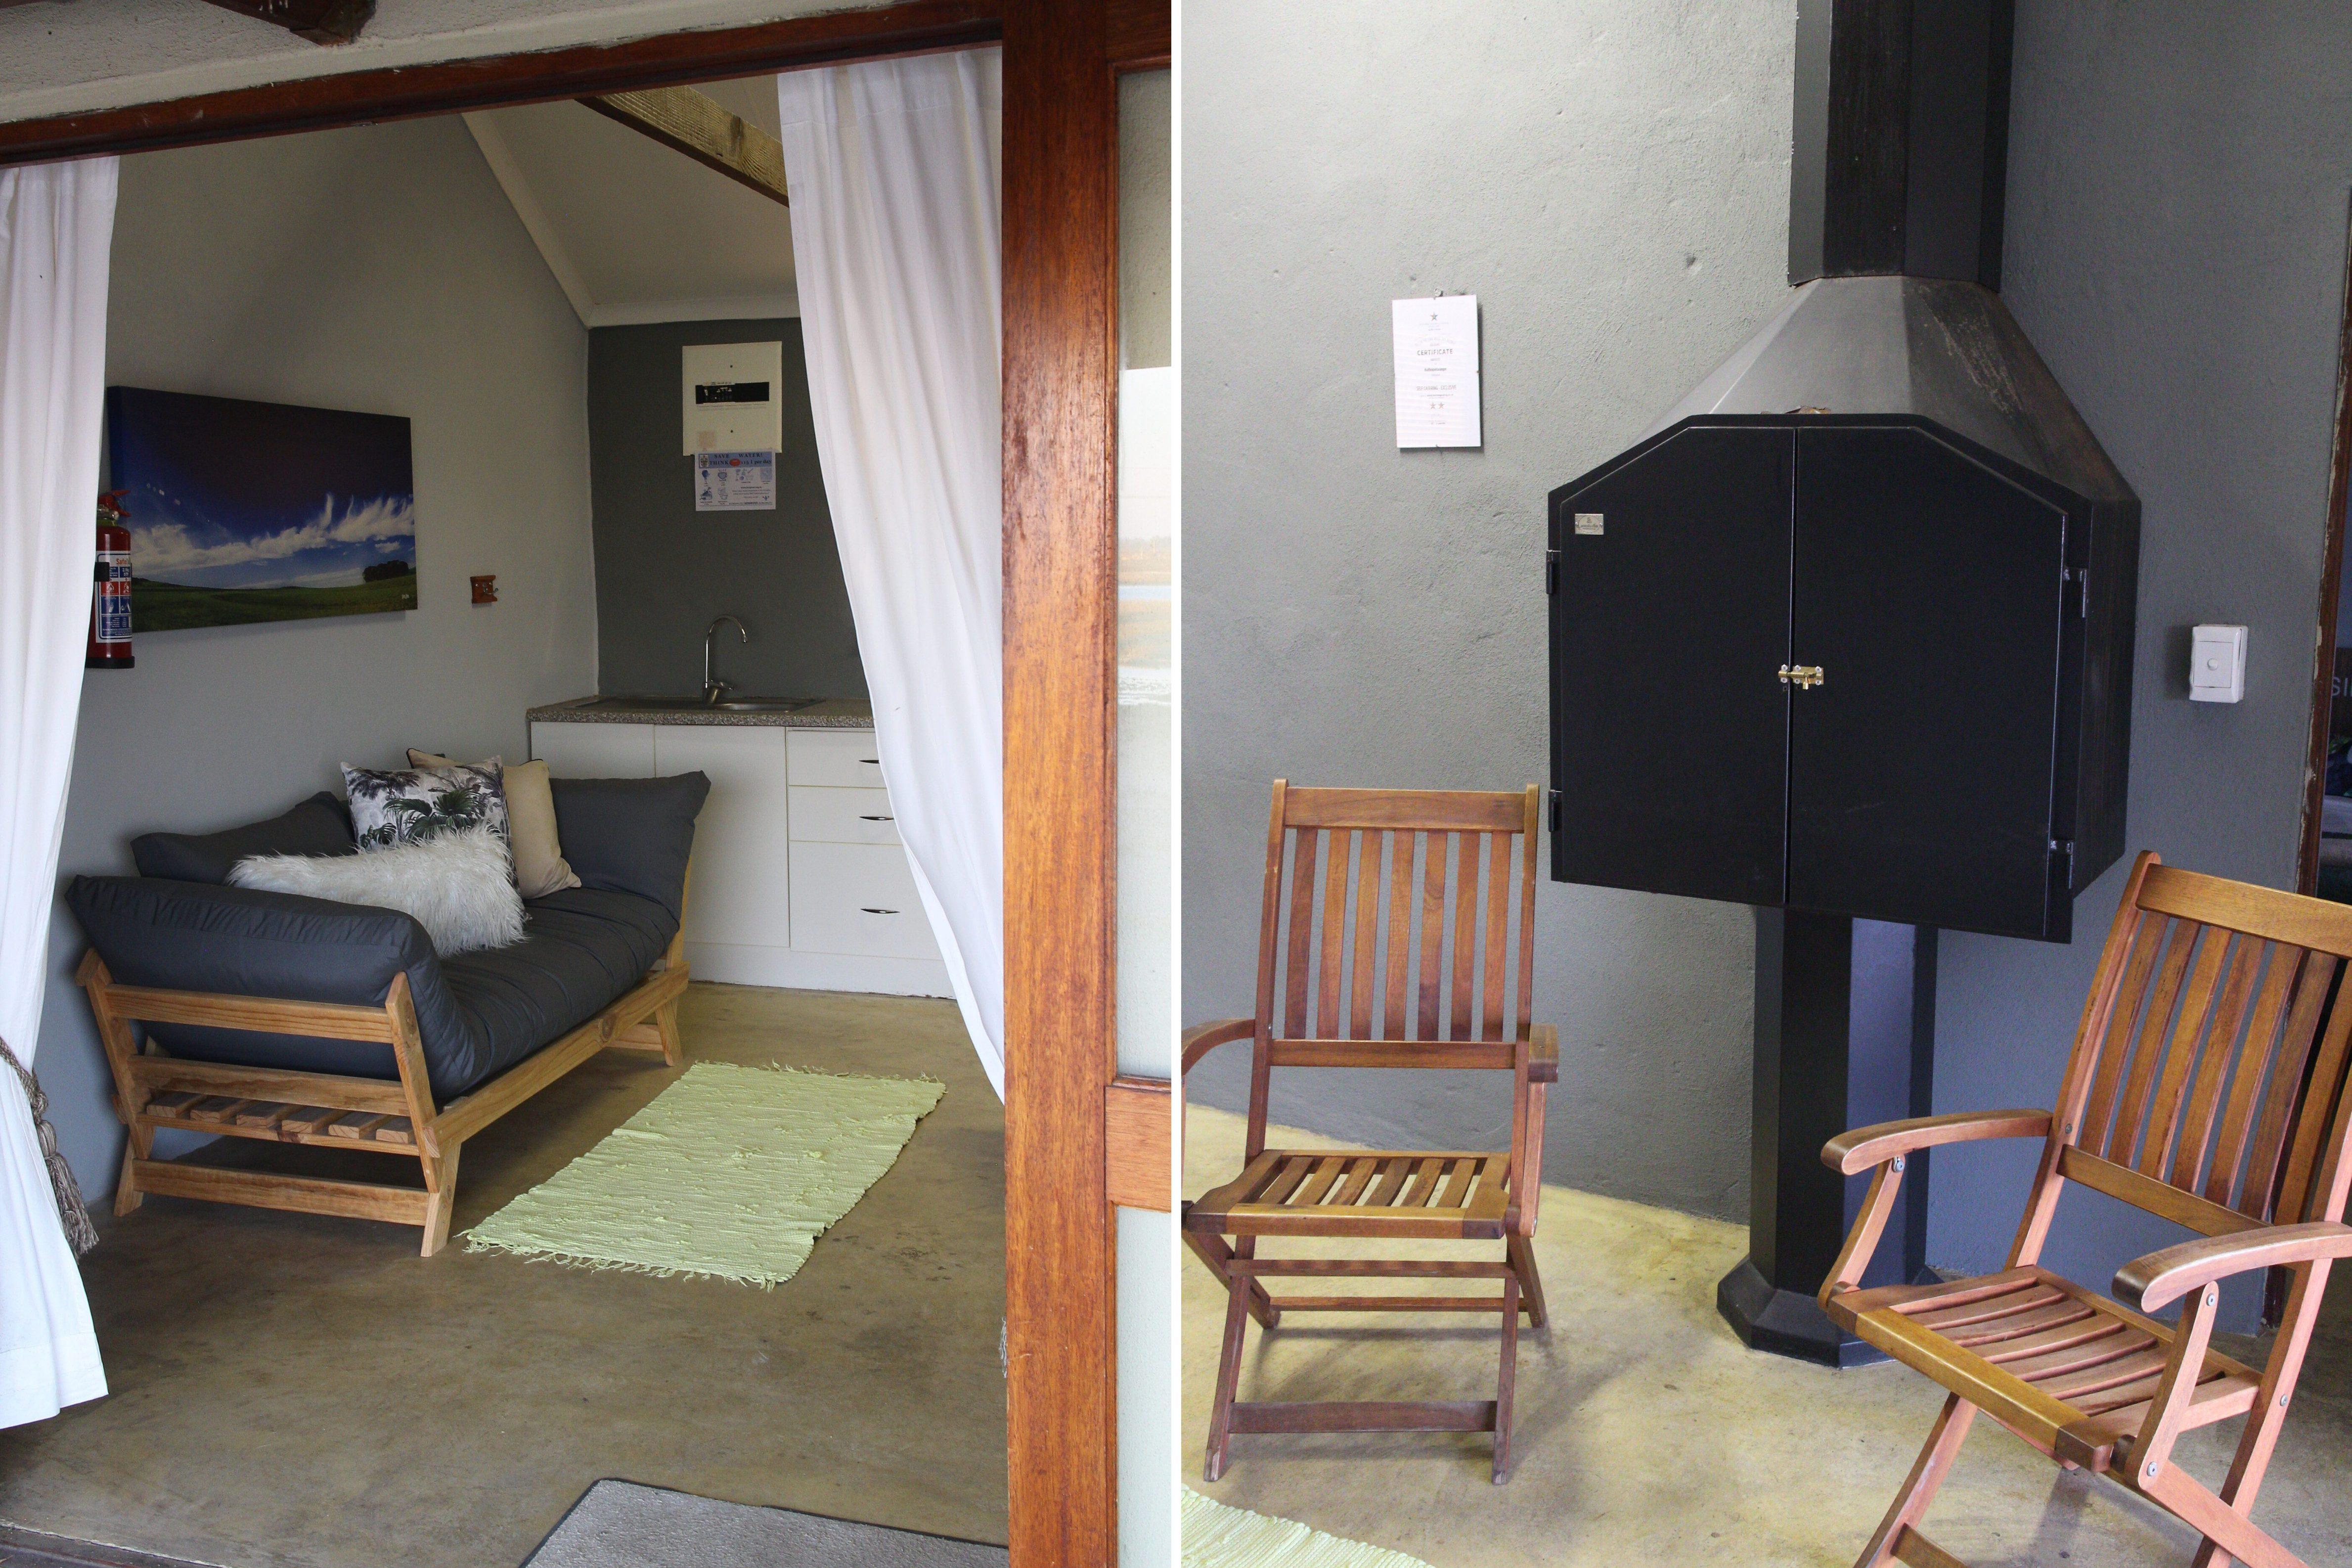 Kuifkopvisvanger - Riethaan Cottage, self catering accommodation in Velddrif, Berg River 16